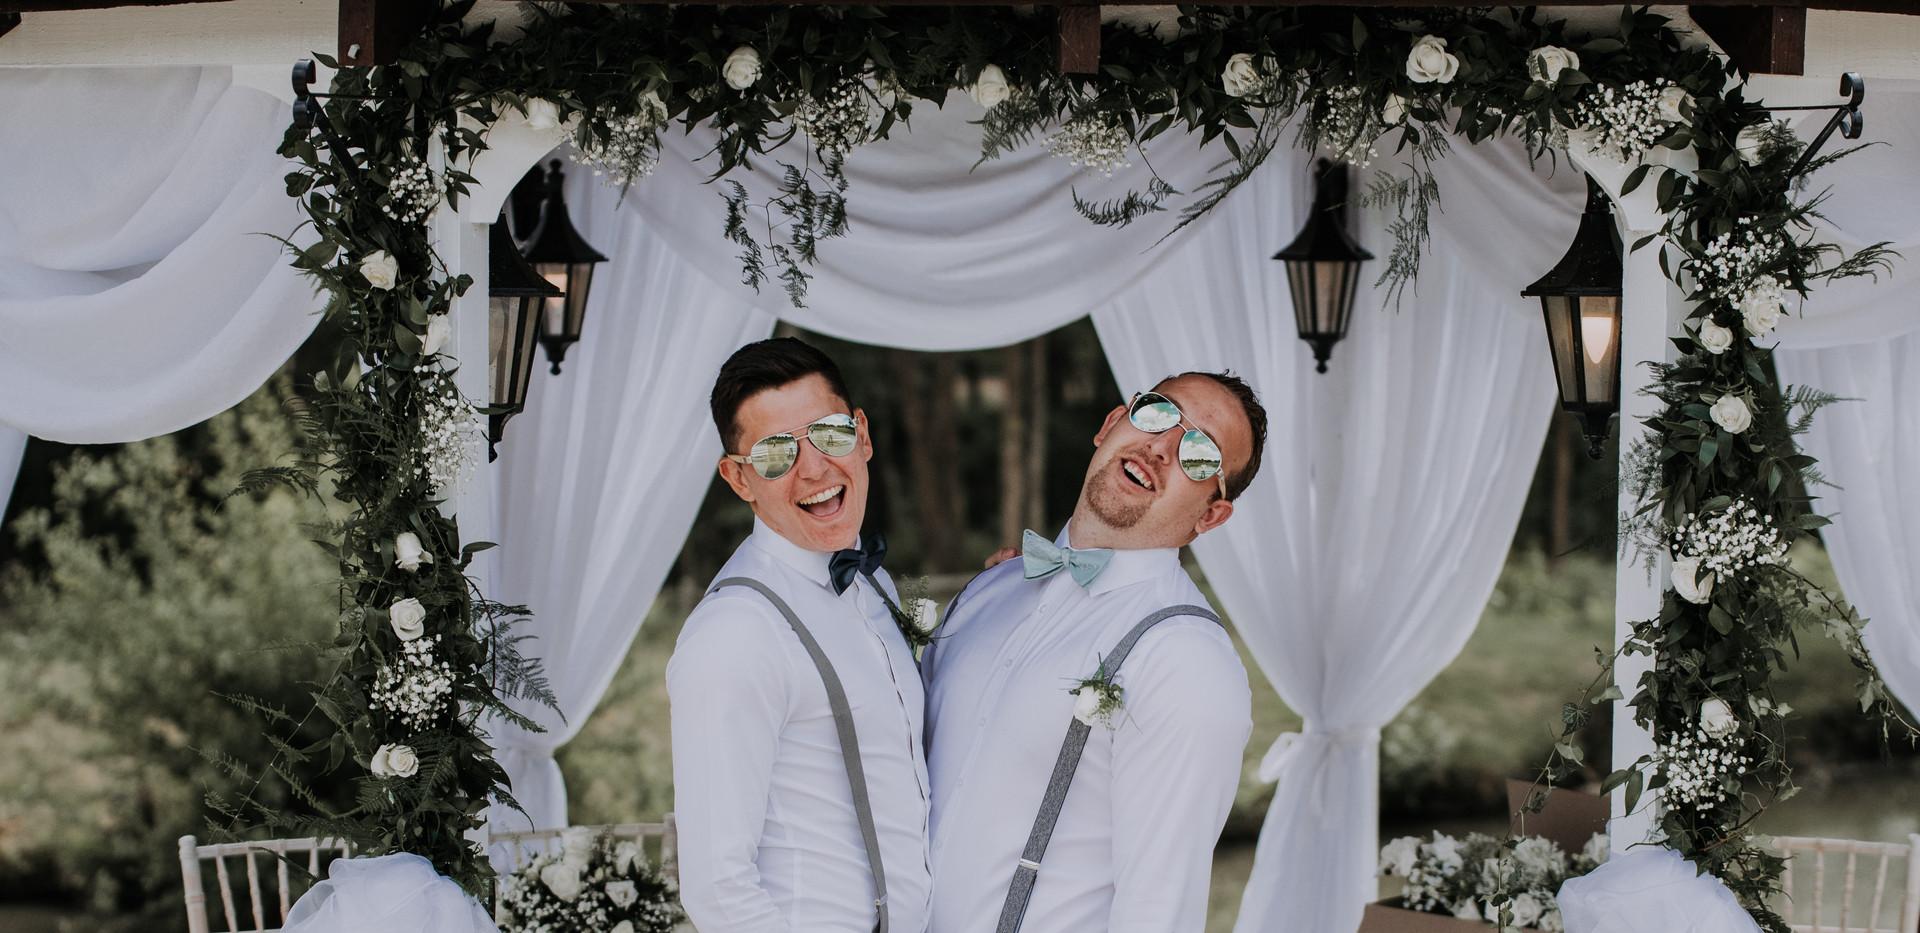 groomsmen at outdoor ceremony